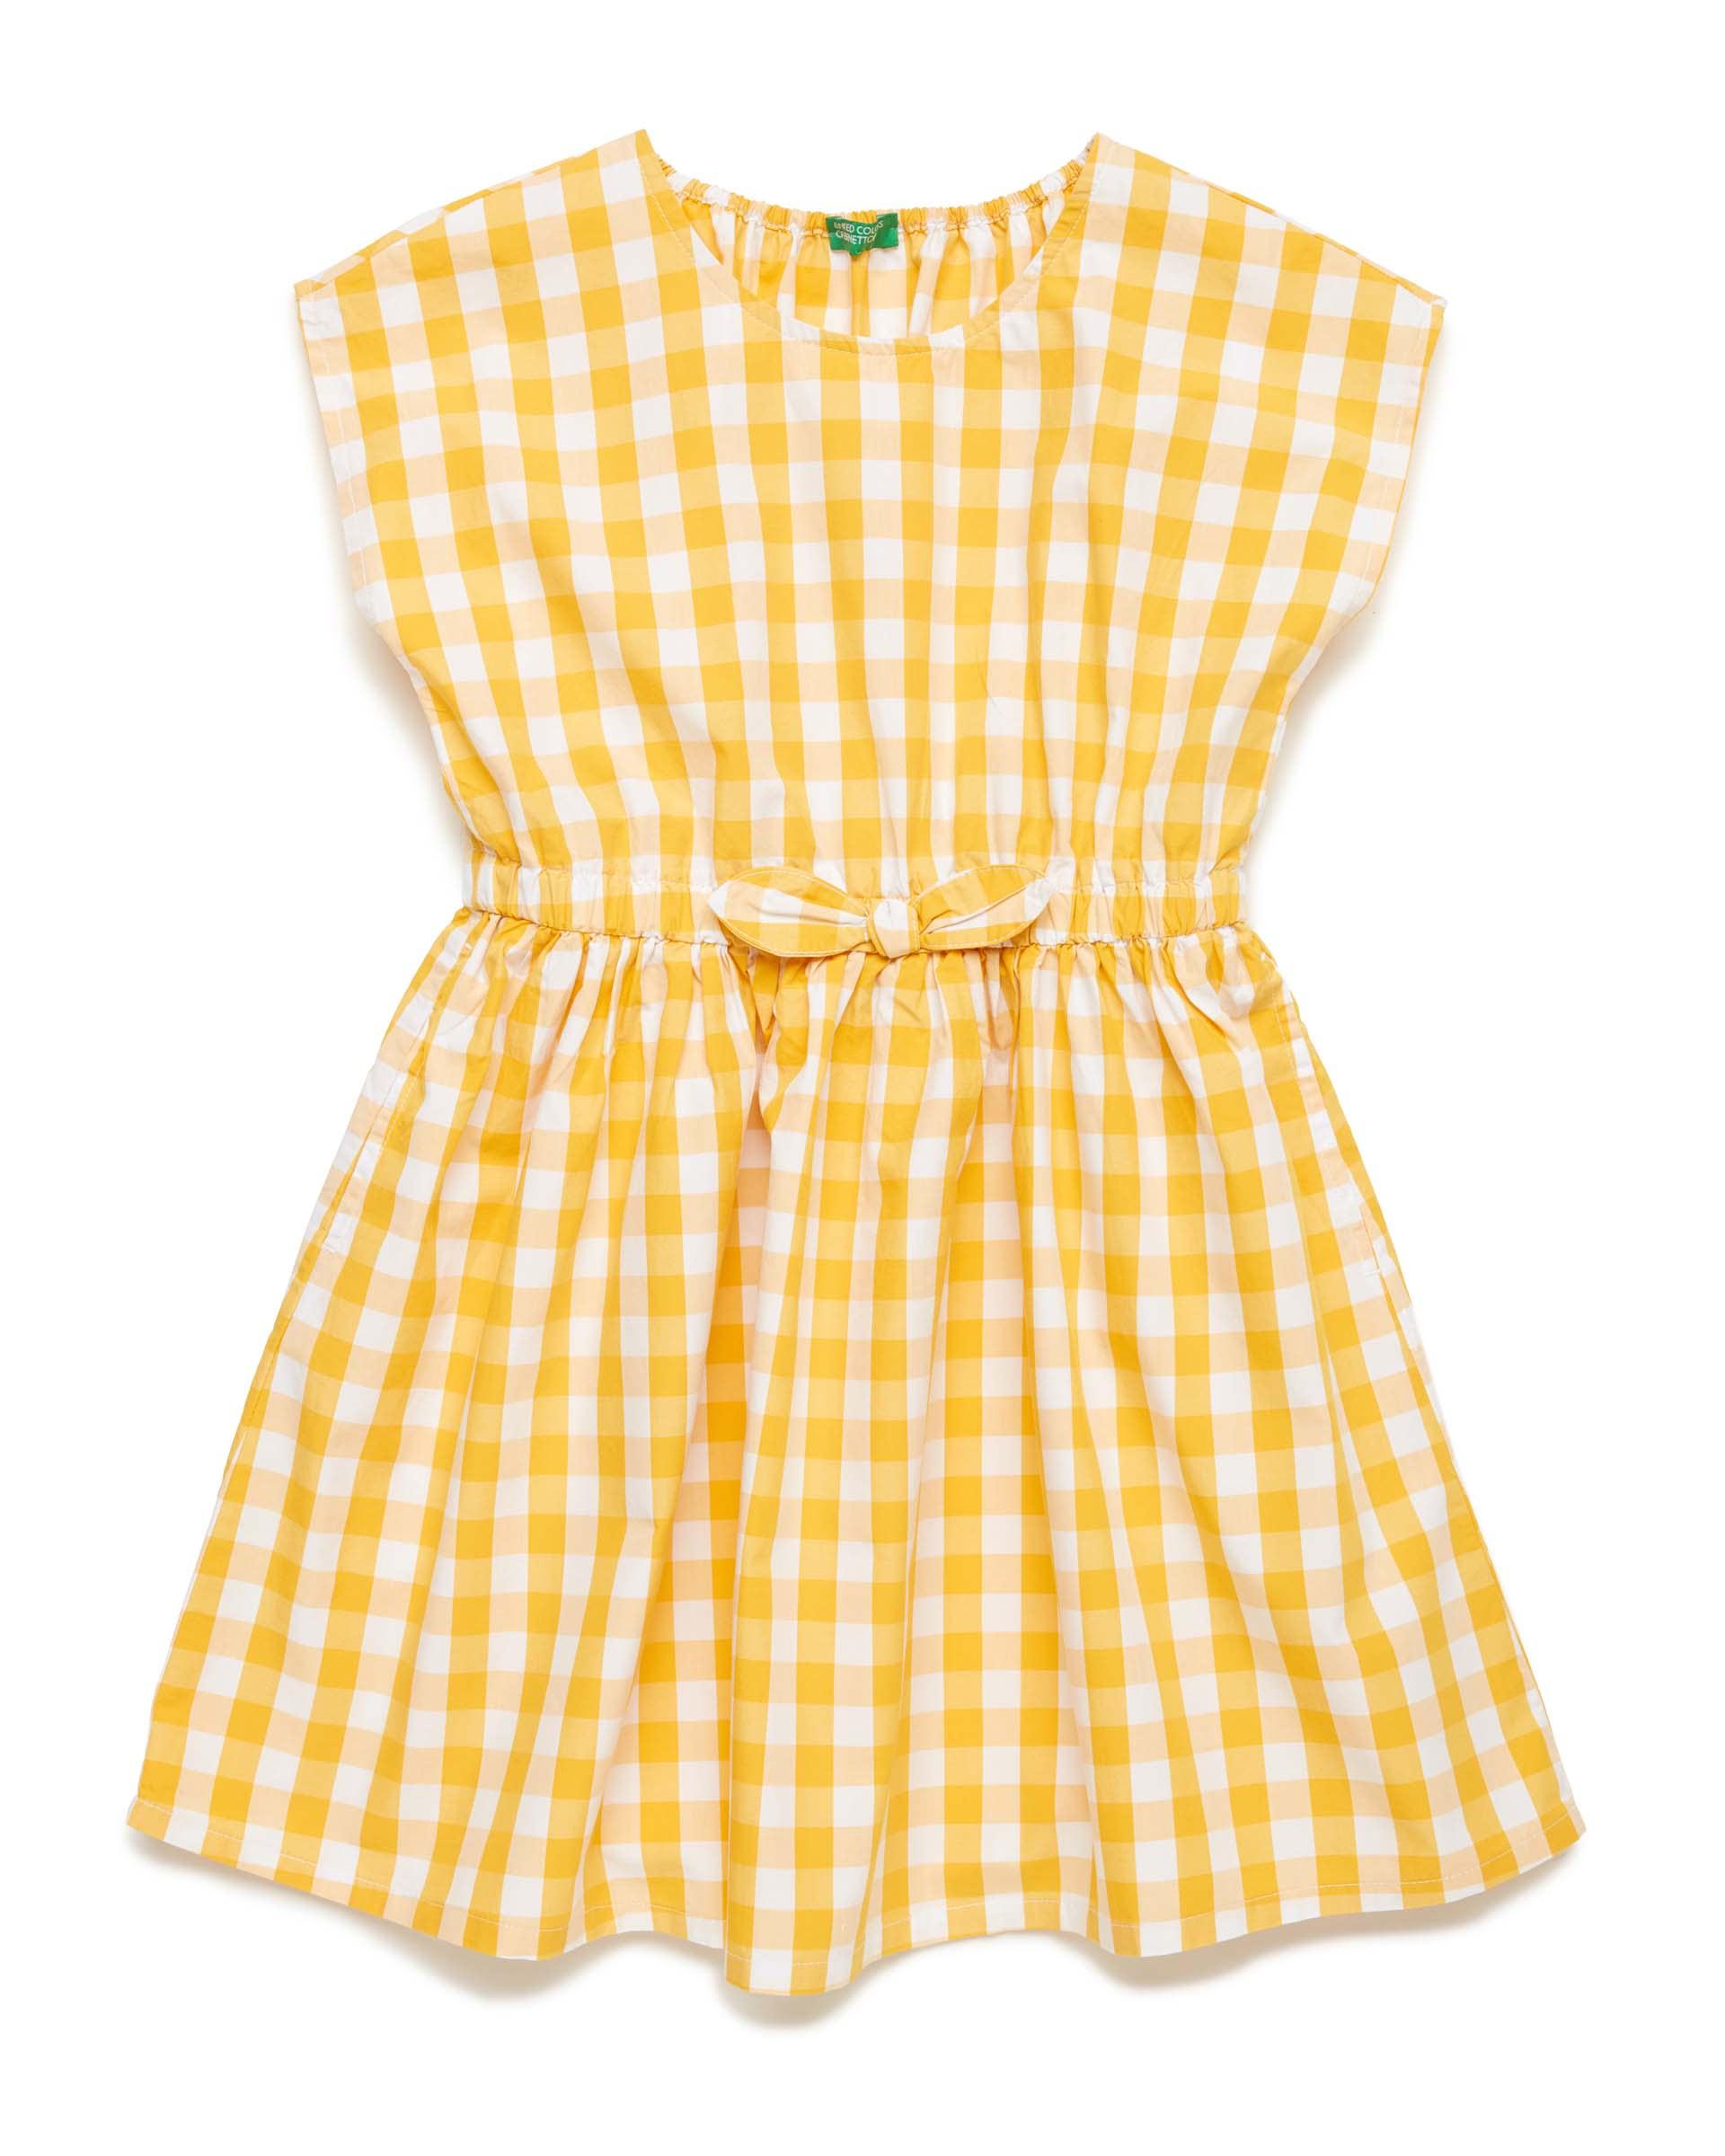 Купить 20P_4OT75VDG0_911, Платье для девочек Benetton 4OT75VDG0_911 р-р 158, United Colors of Benetton, Платья для девочек